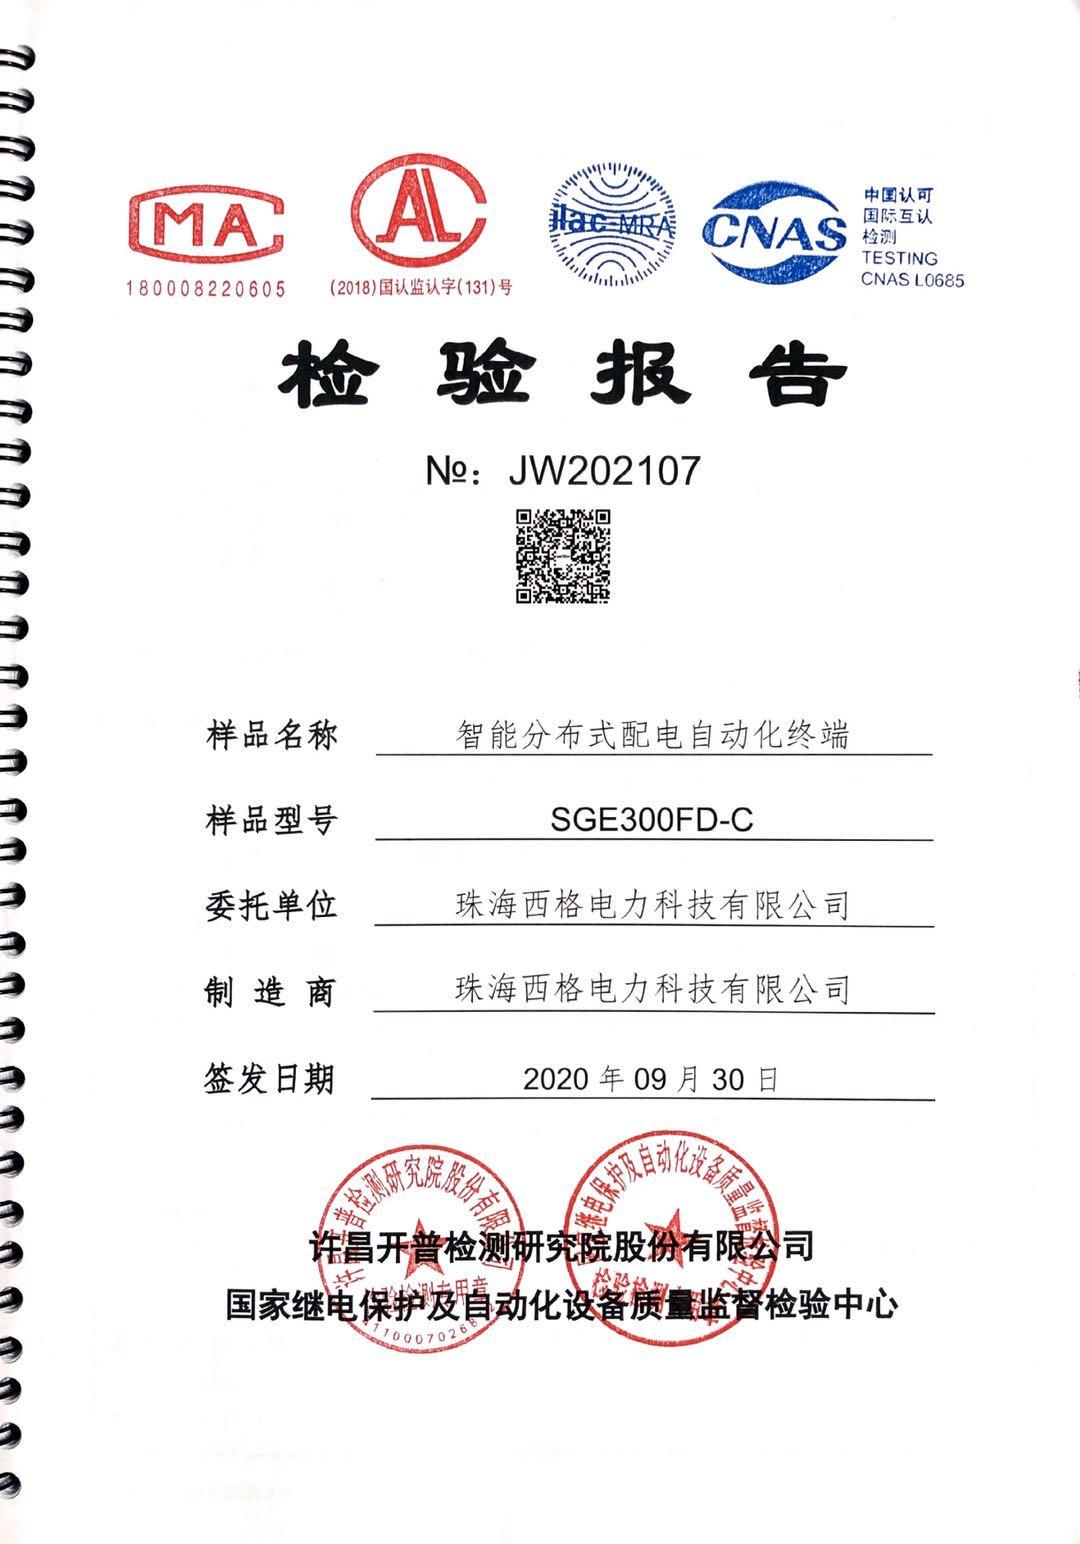 分布式DTU校验报告